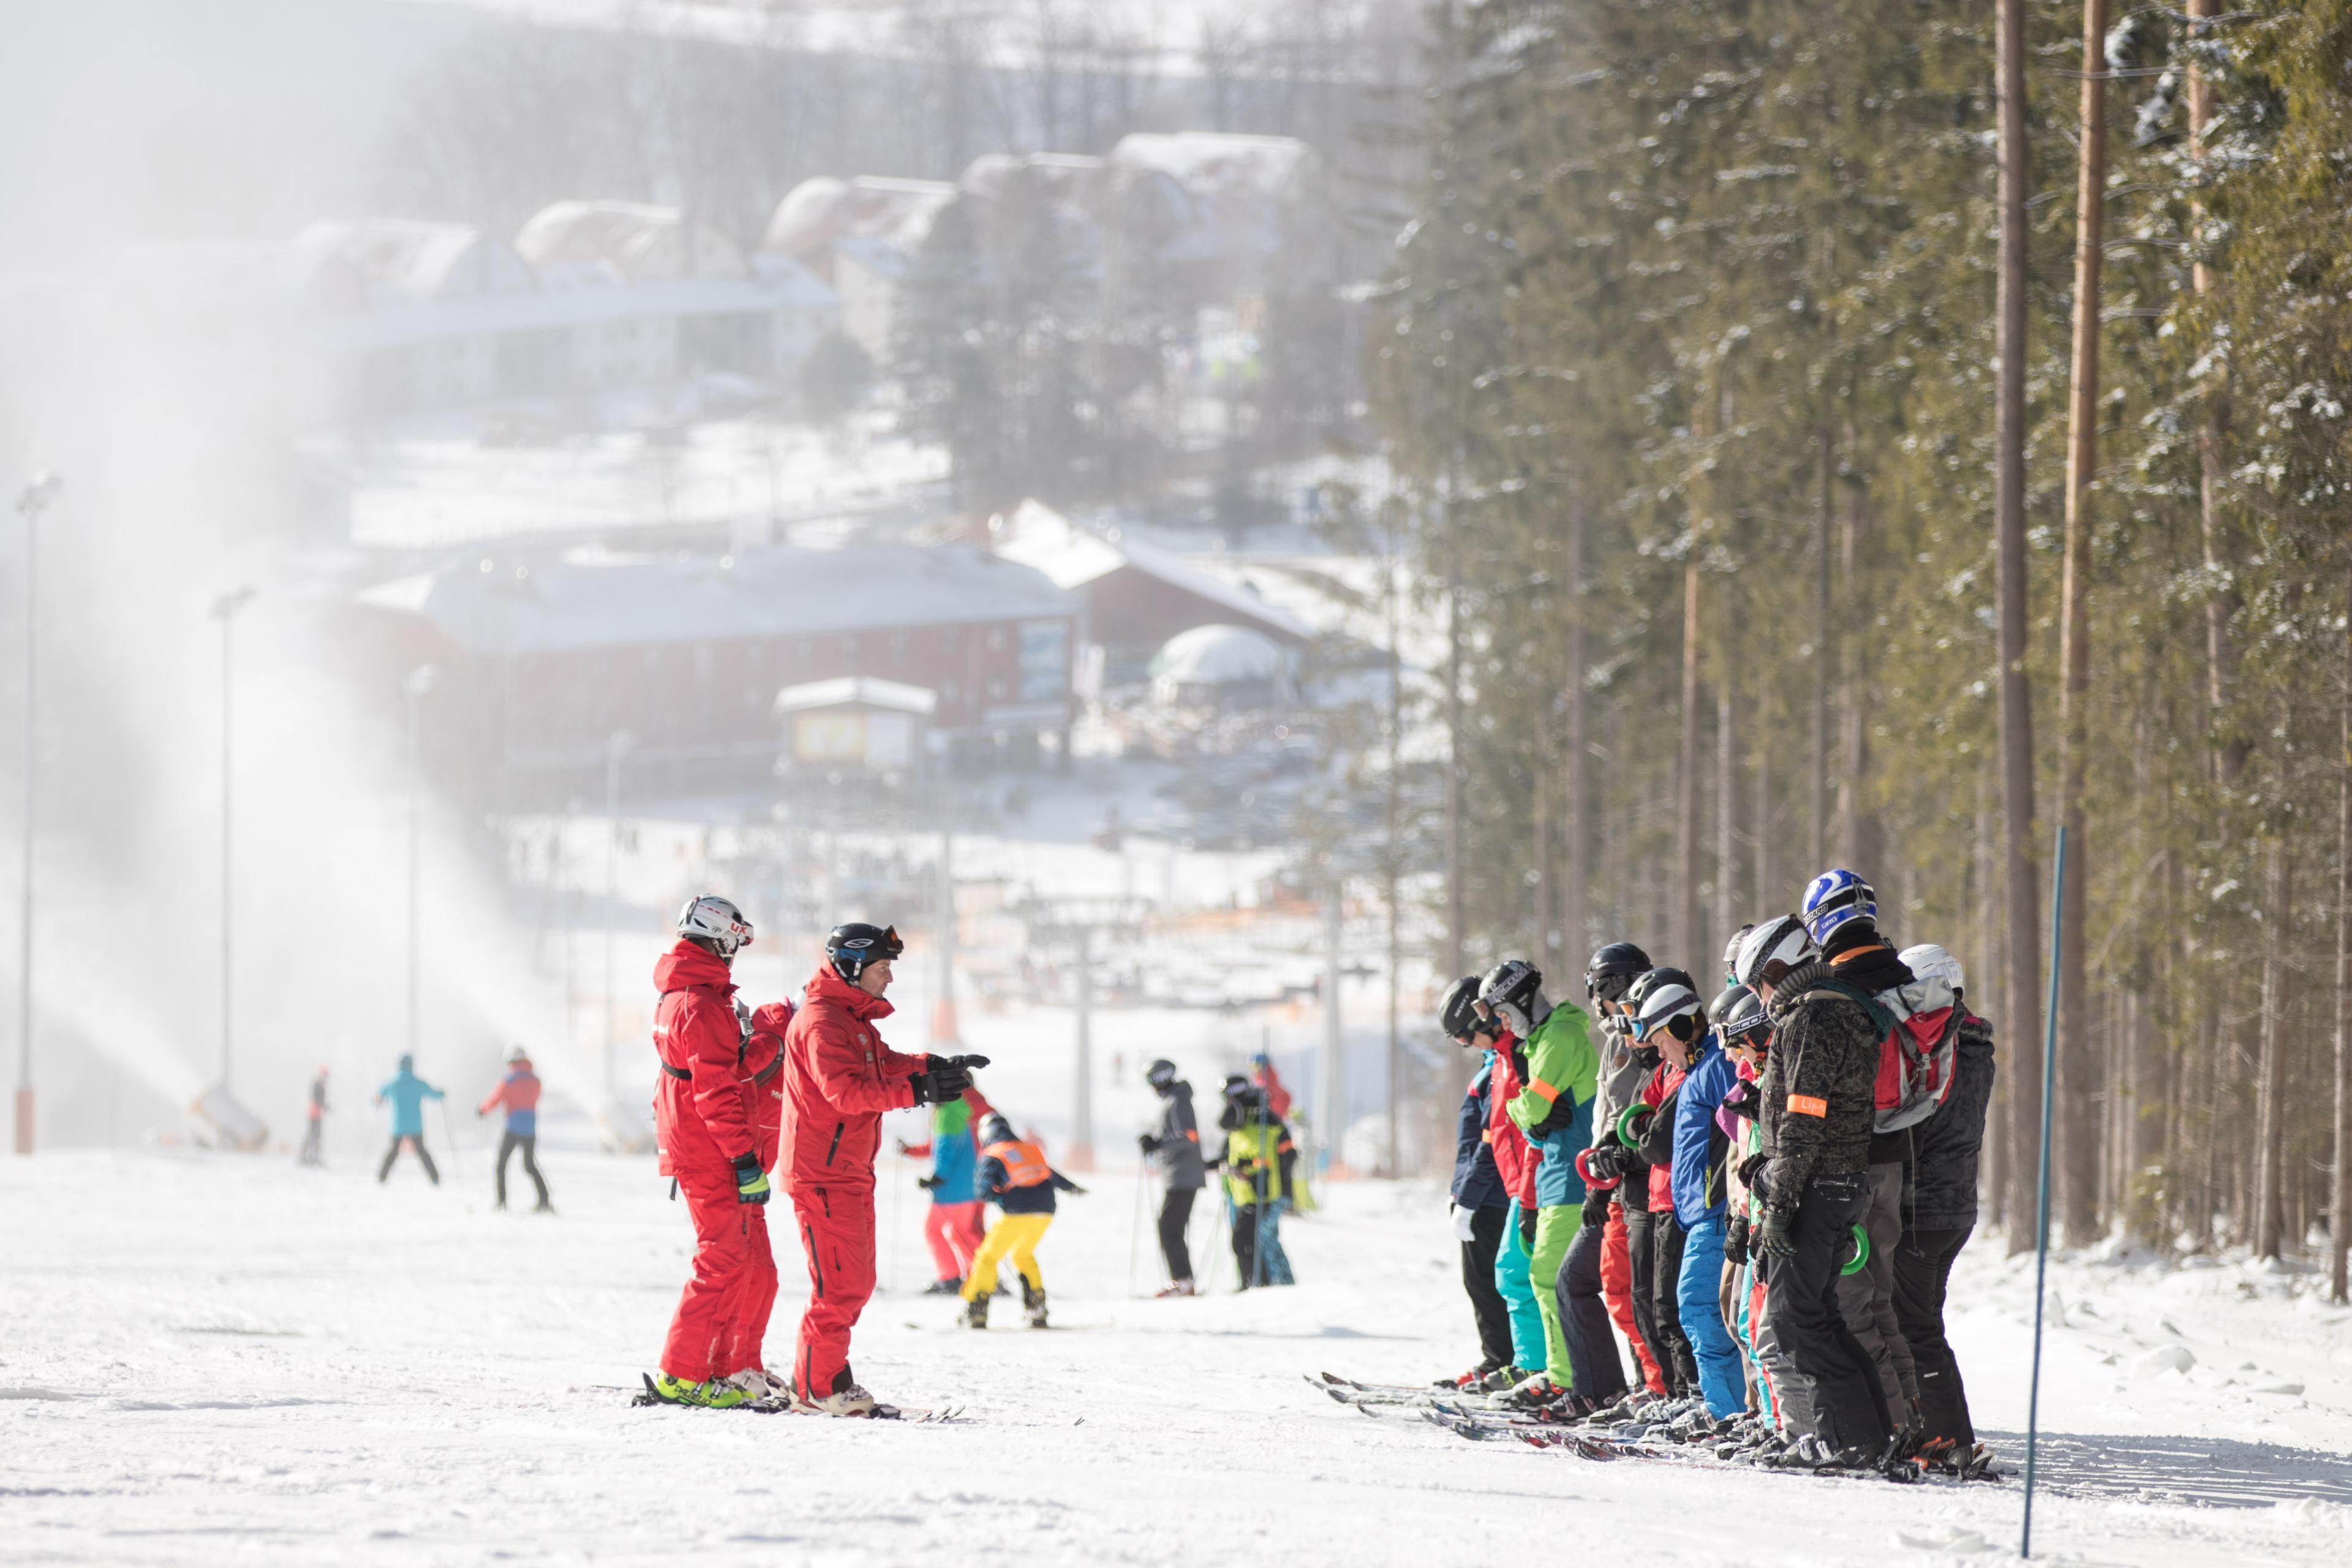 Skilessen voor volwassenen vanaf 16 jaar voor alle niveaus